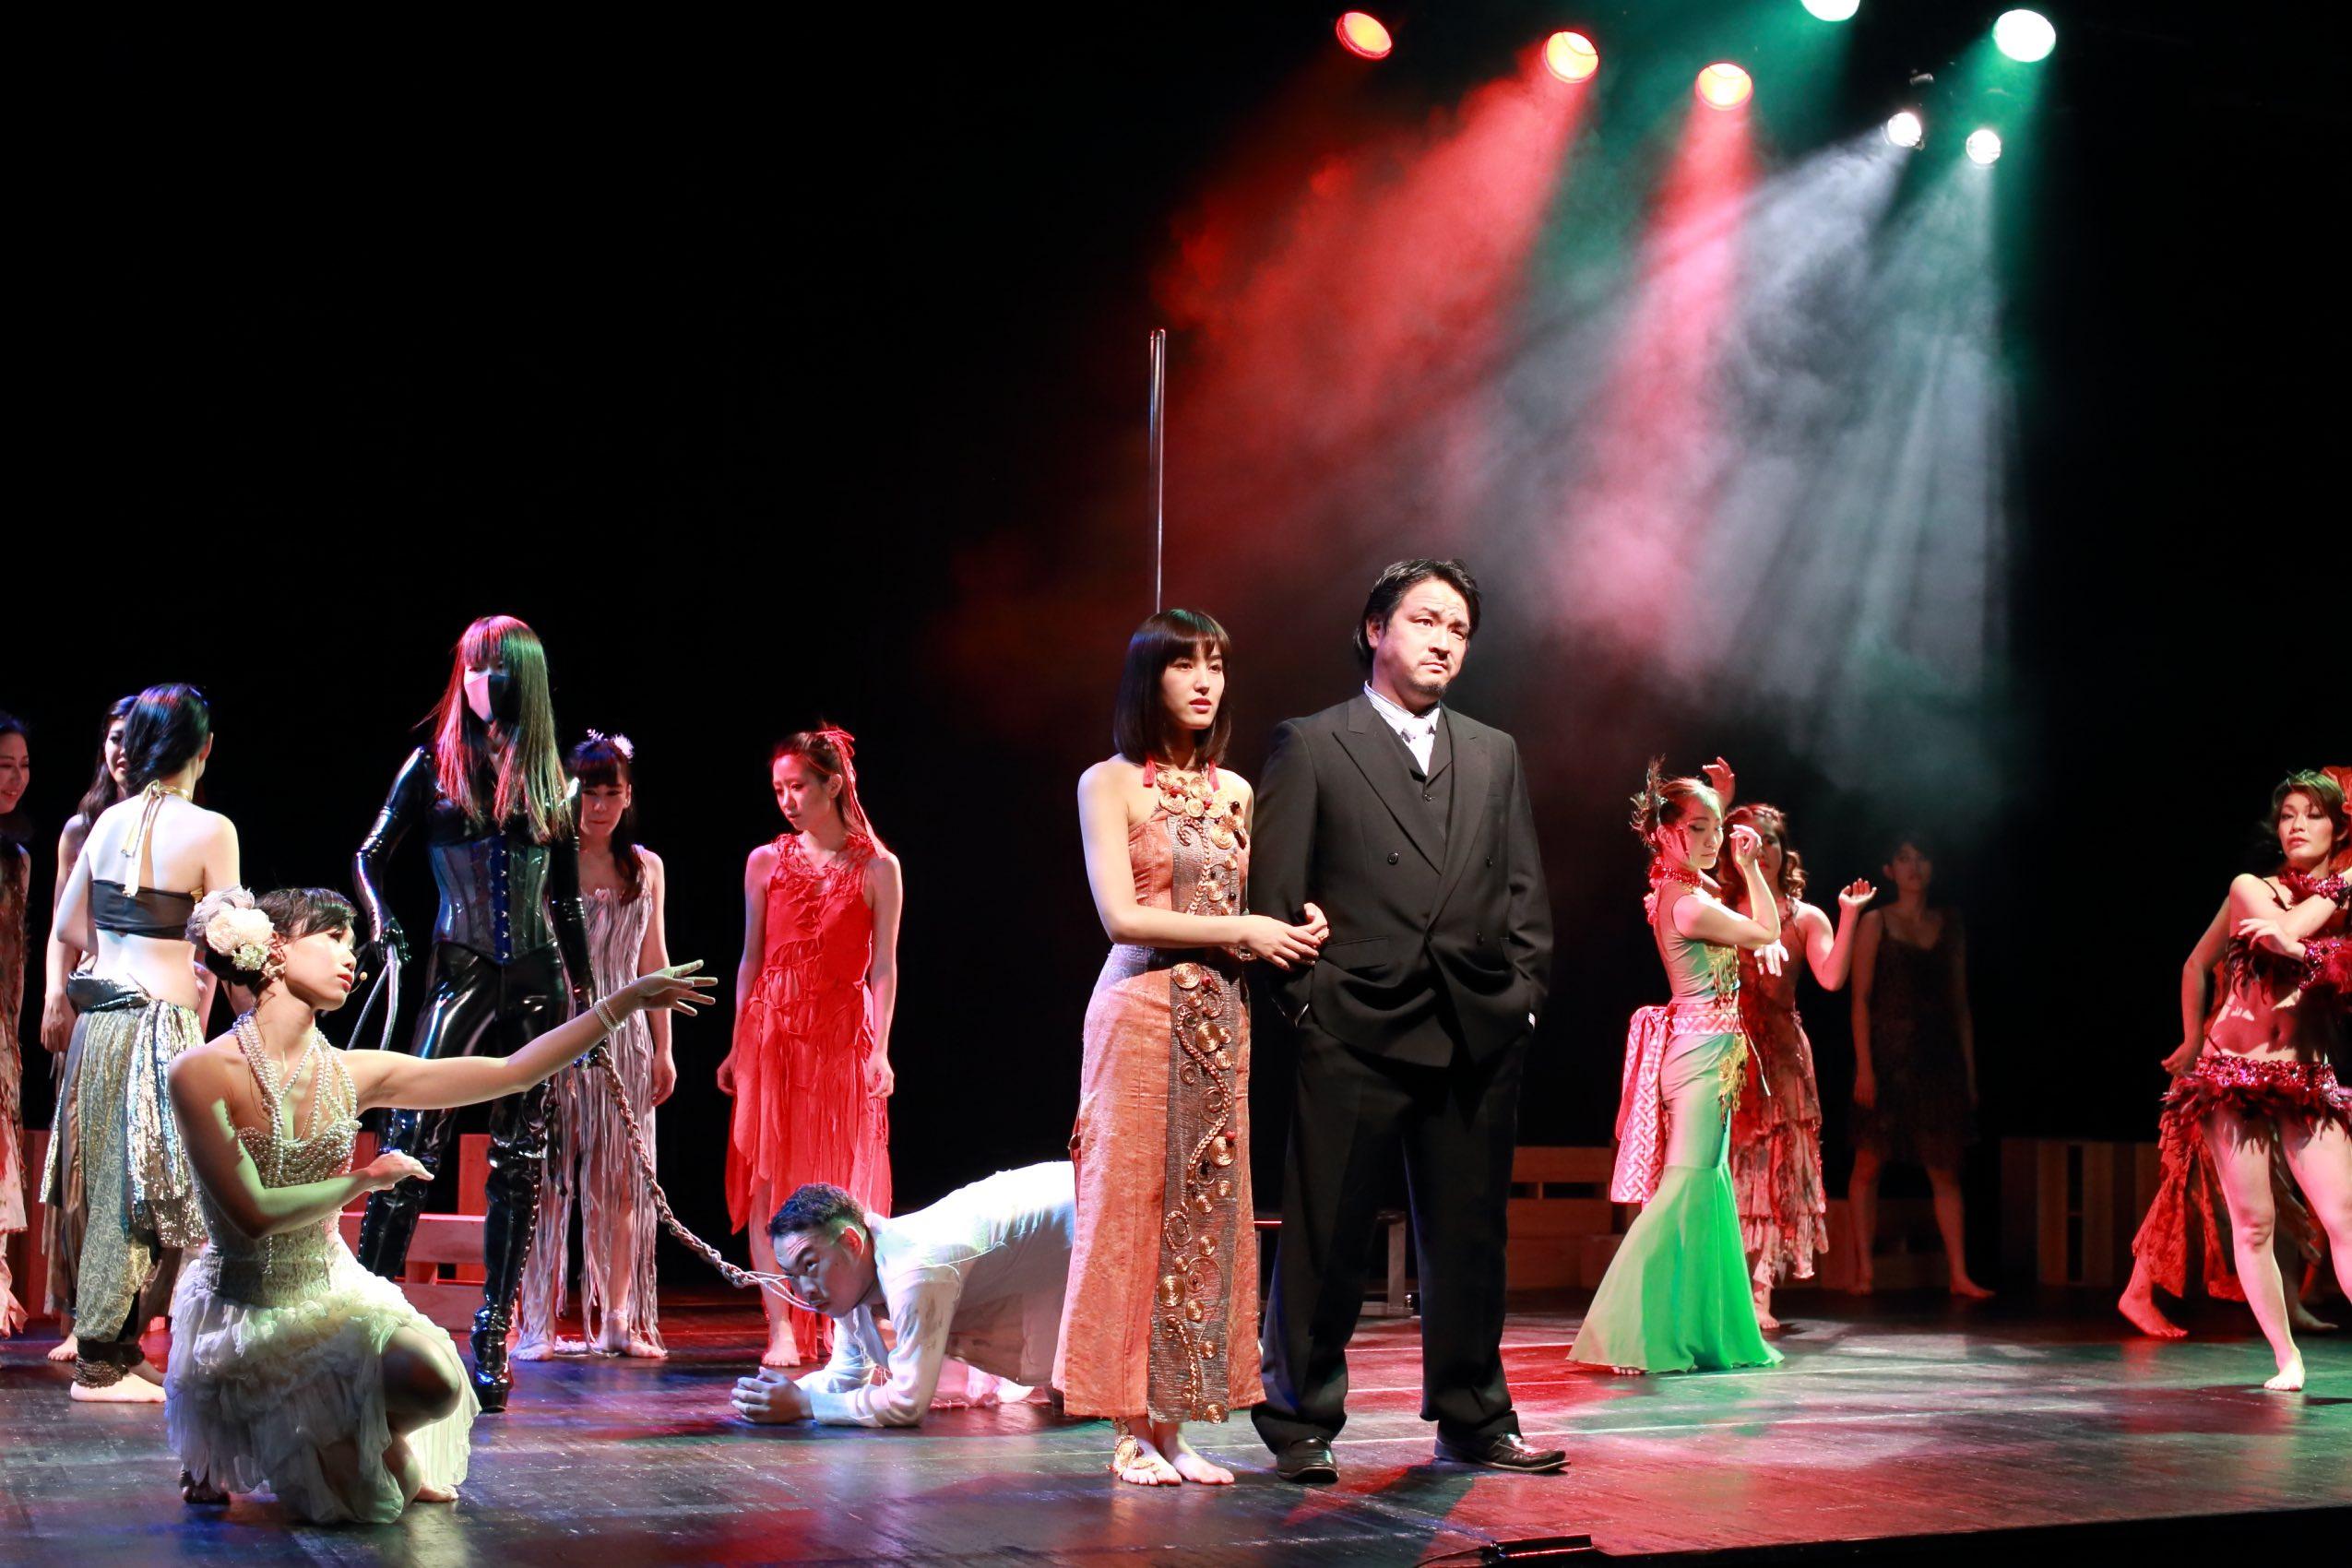 オーディション [関西]「幻想・耽美・官能」的な舞台 出演者募集 演劇とダンス、そして音楽ライブを融合させたアーティスティックな舞台作品 主催:アートプロジェクト集団「鞦韆舘」(しゅうせんかん)、カテゴリ:舞台